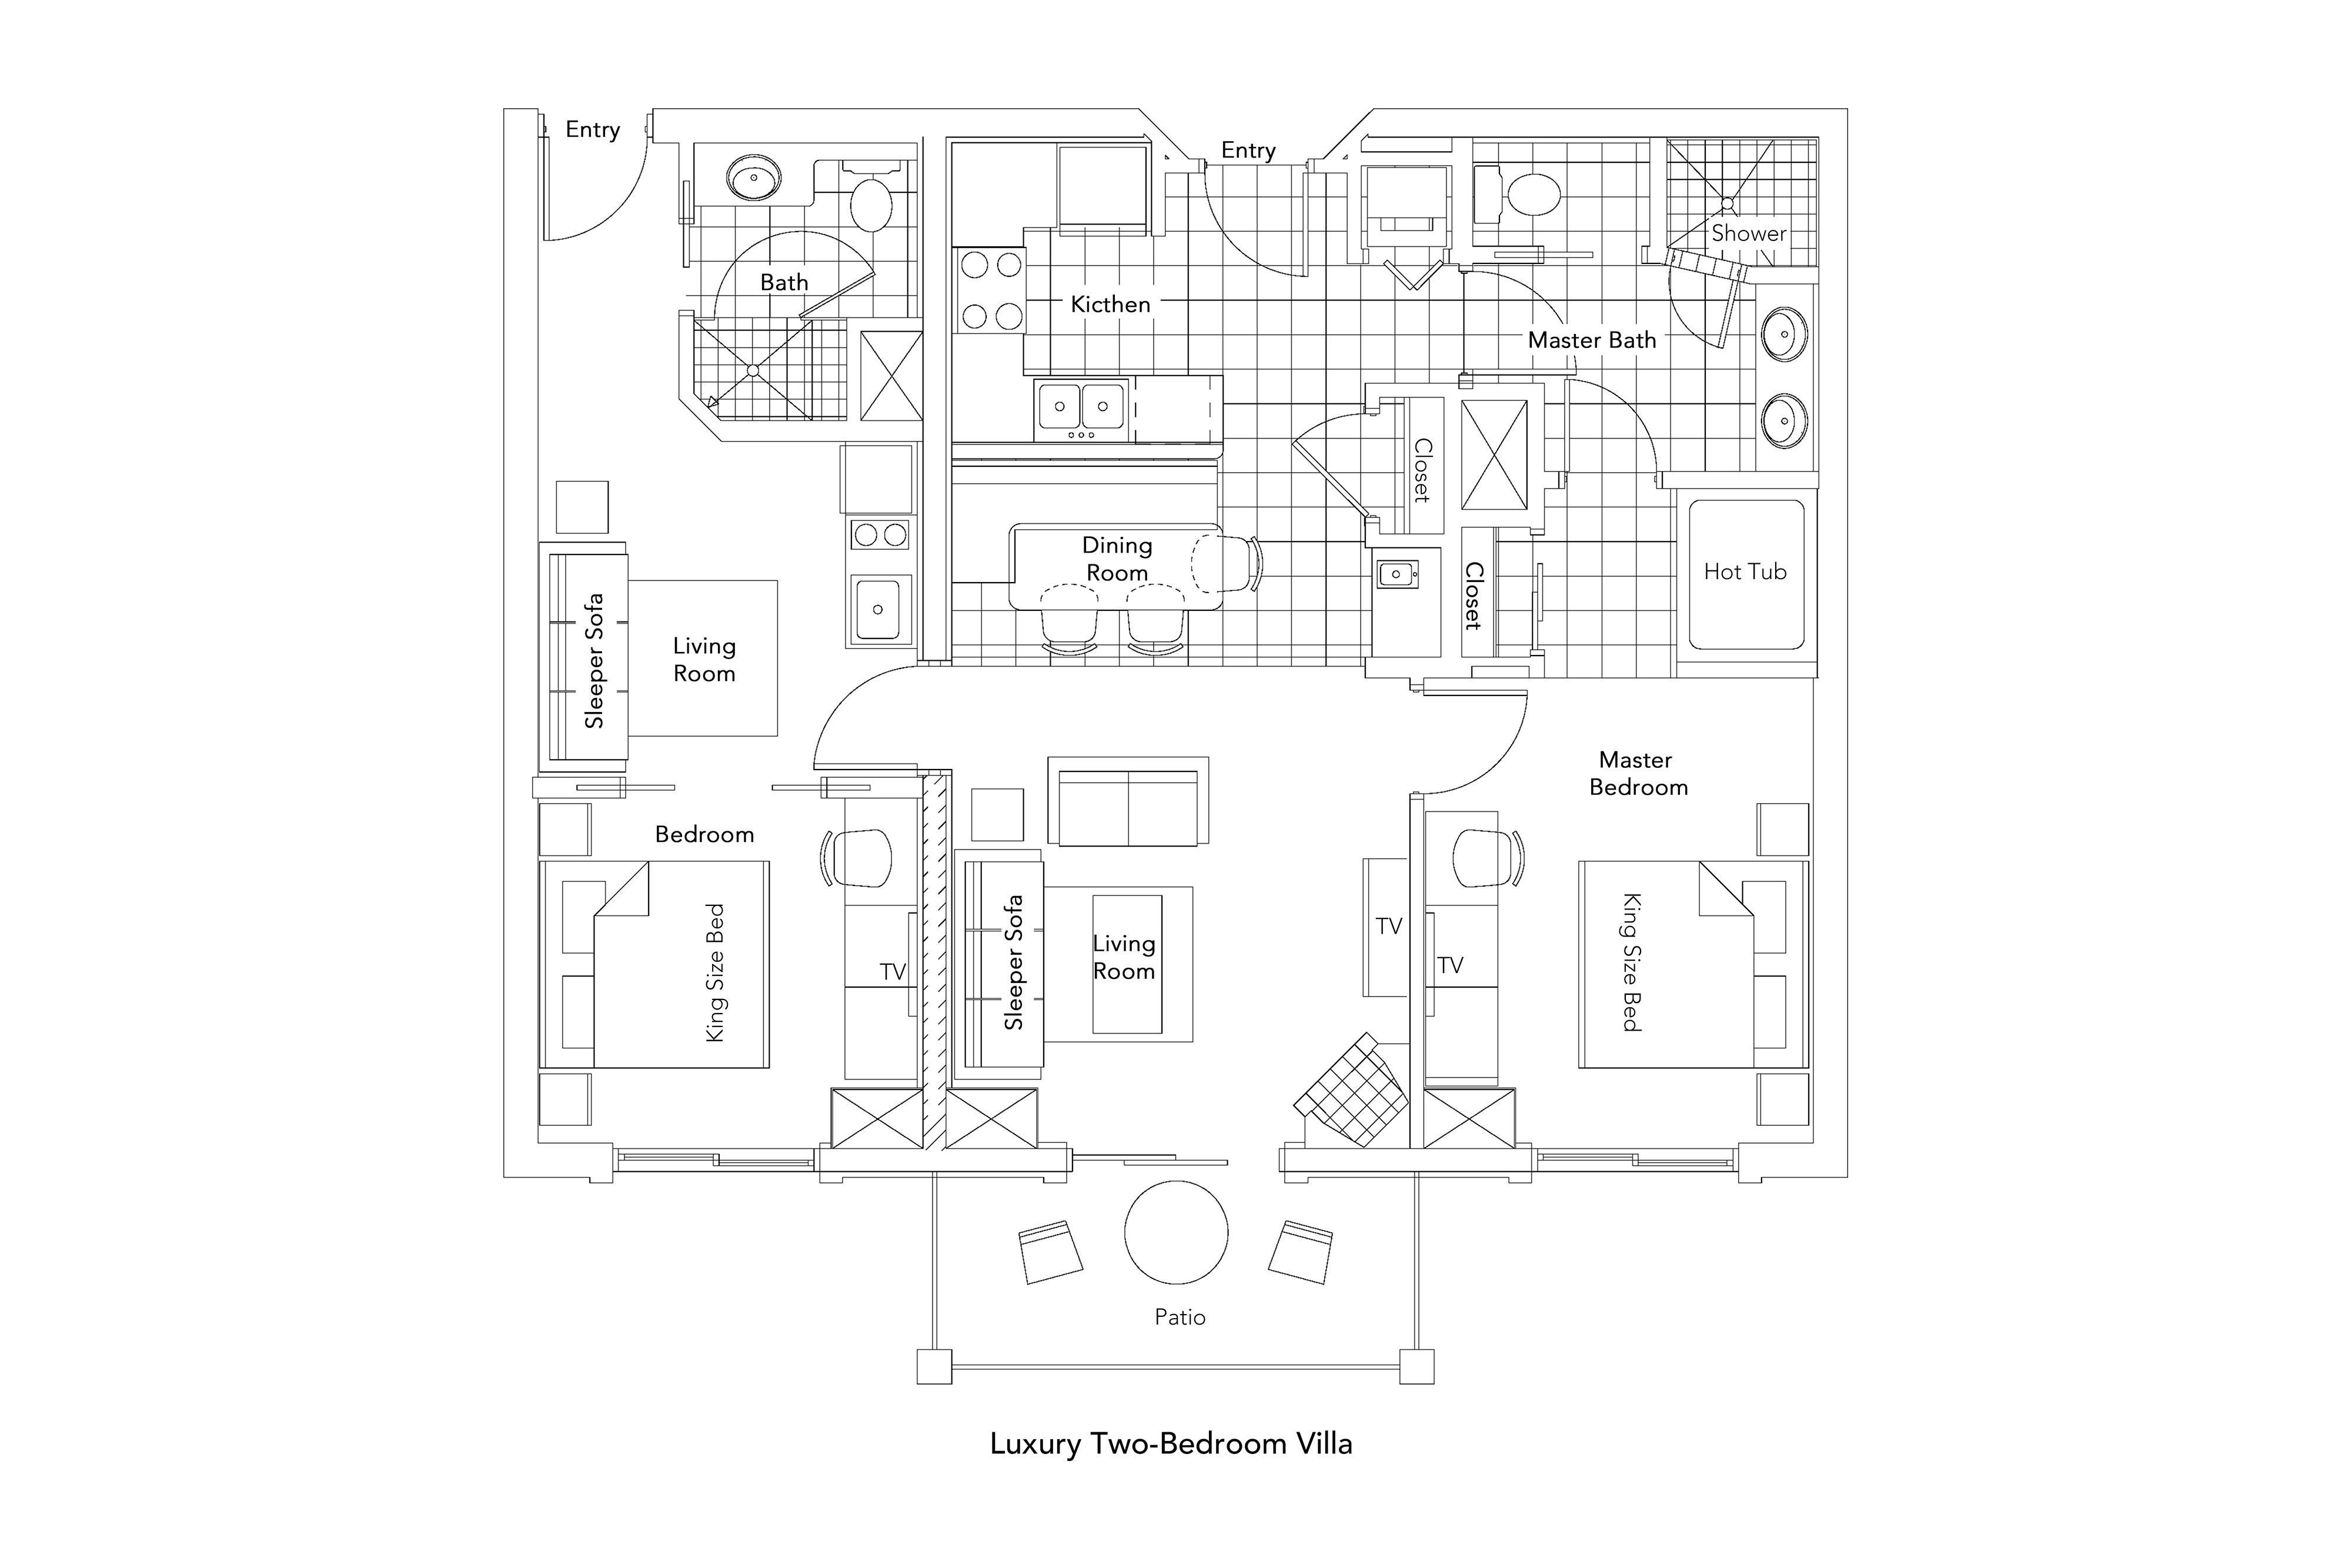 Luxury Two-Bedroom Villa Floorplan - Park City Resort in Utah   Westgate Park City Resort & Spa   Westgate Resorts